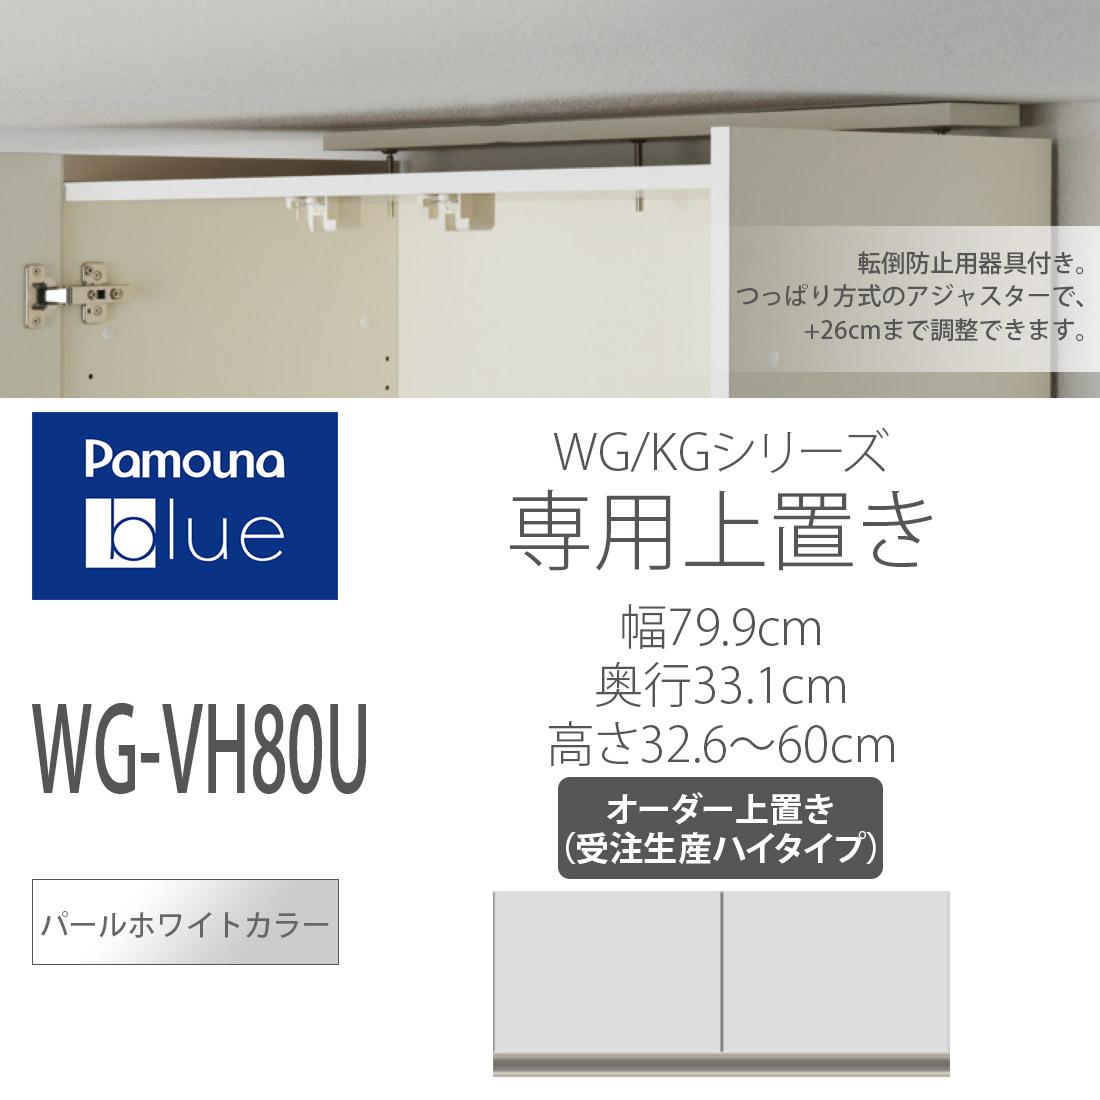 食器棚 パモウナ WL/KL WL-VH80U 高さオーダー上置 【幅79.8×奥行33.1×高さ32.6-60cm】 パールホワイト 安心 食器棚